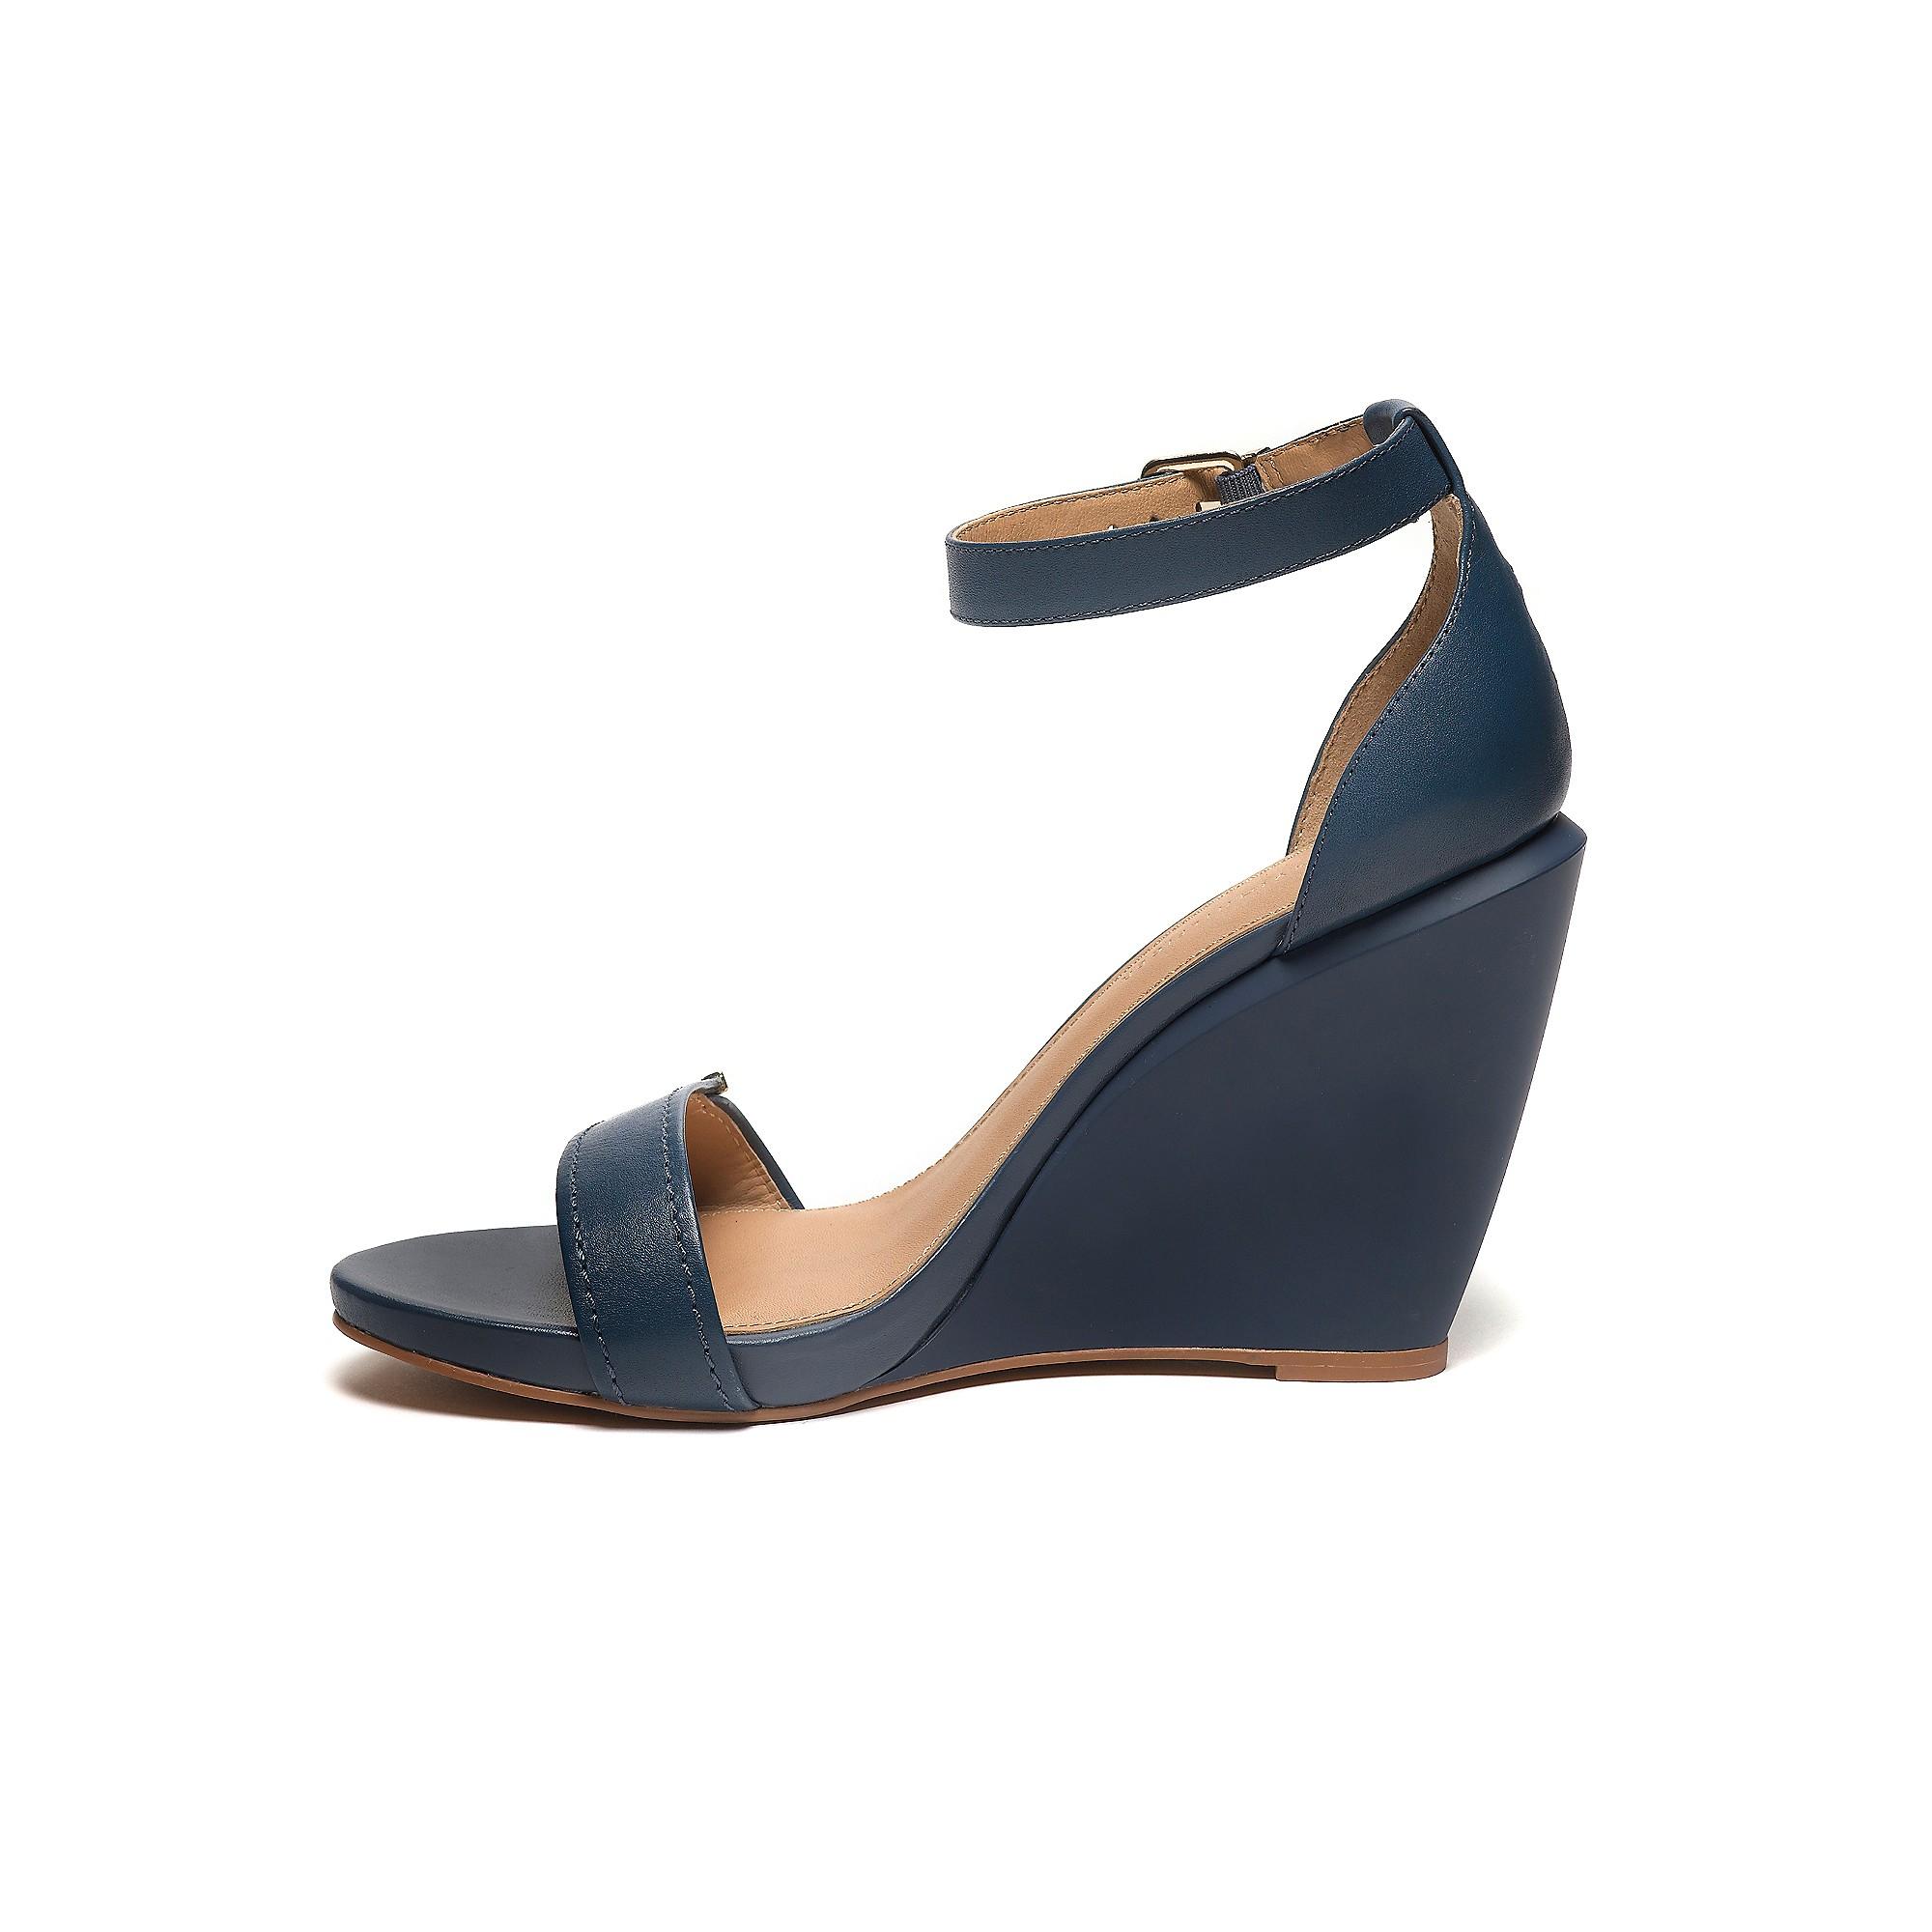 tommy hilfiger ankle strap wedge sandal in blue navy lyst. Black Bedroom Furniture Sets. Home Design Ideas